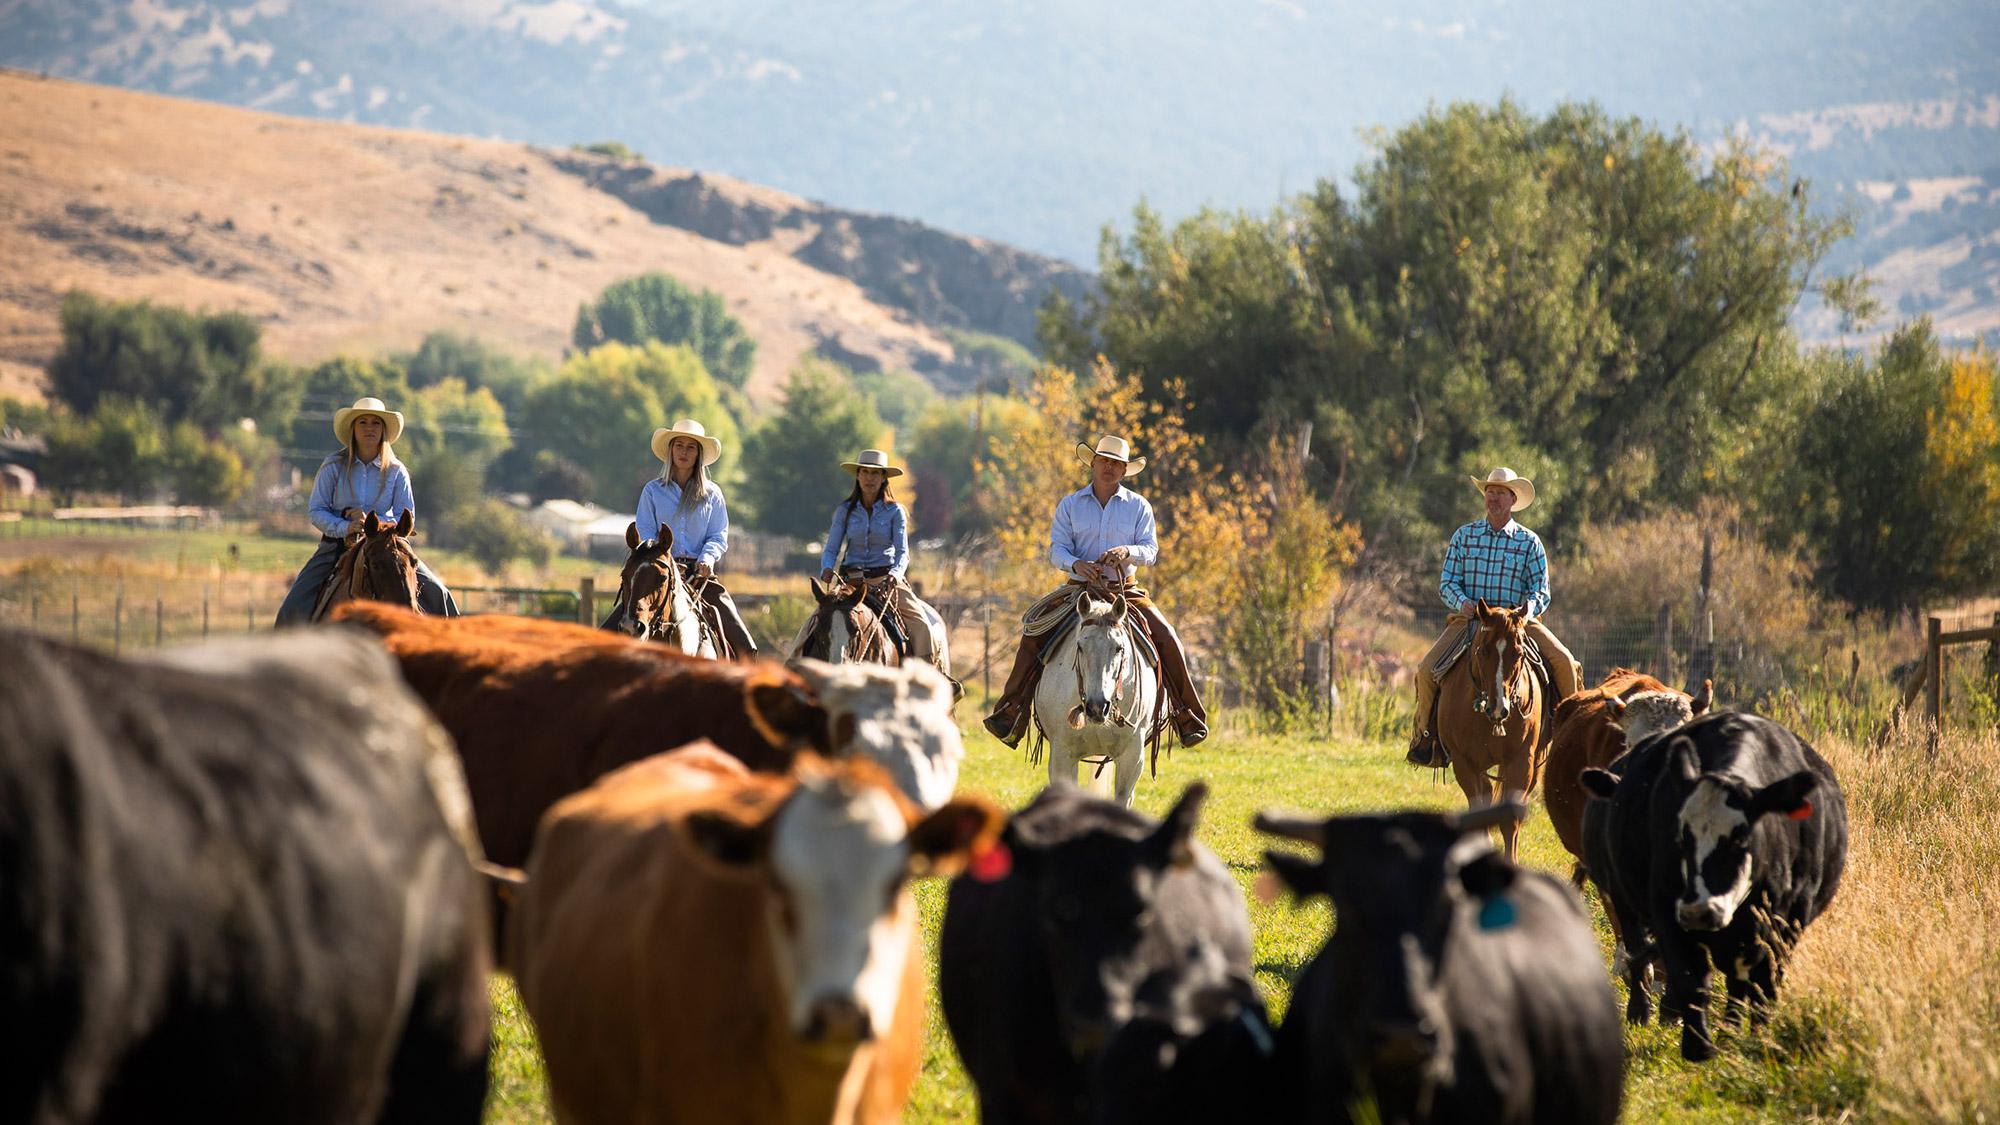 bsk-gallery-horsebackridingranch.jpg